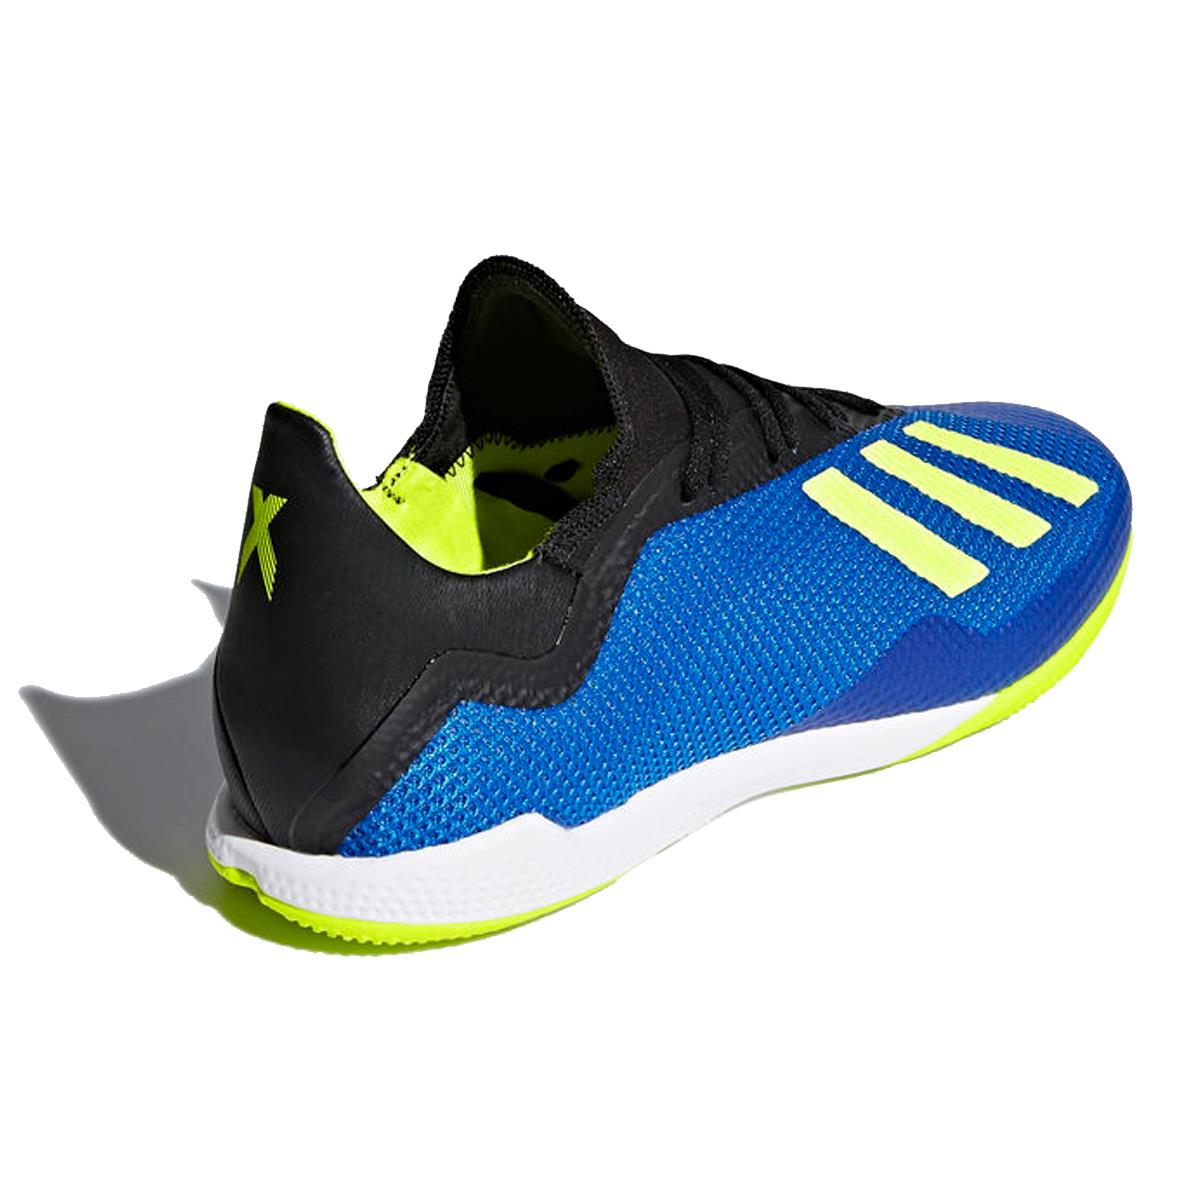 e2c157f2f5d64 Chuteira Futsal Adidas X Tango 18.3 Masculina